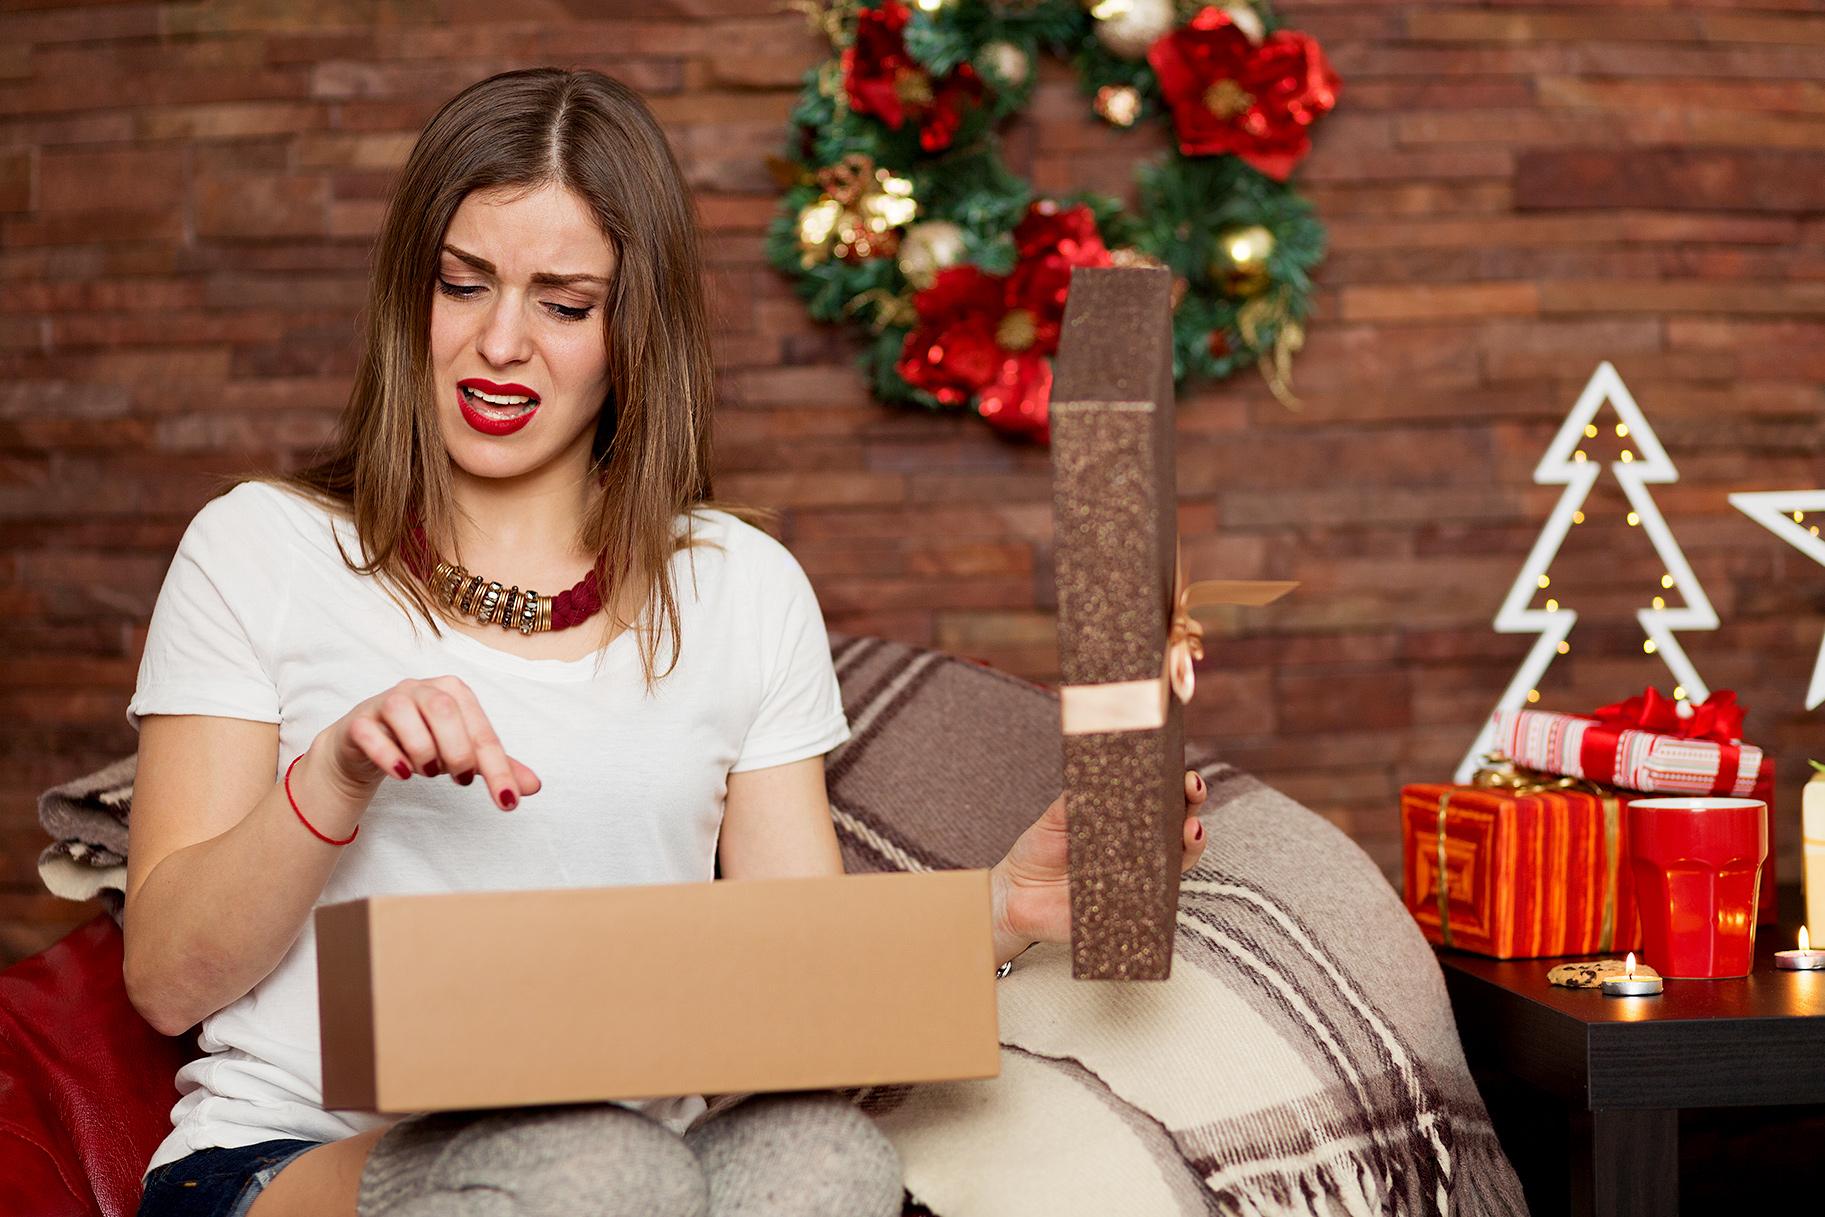 неудачные подарки фото используют перчатки плотного